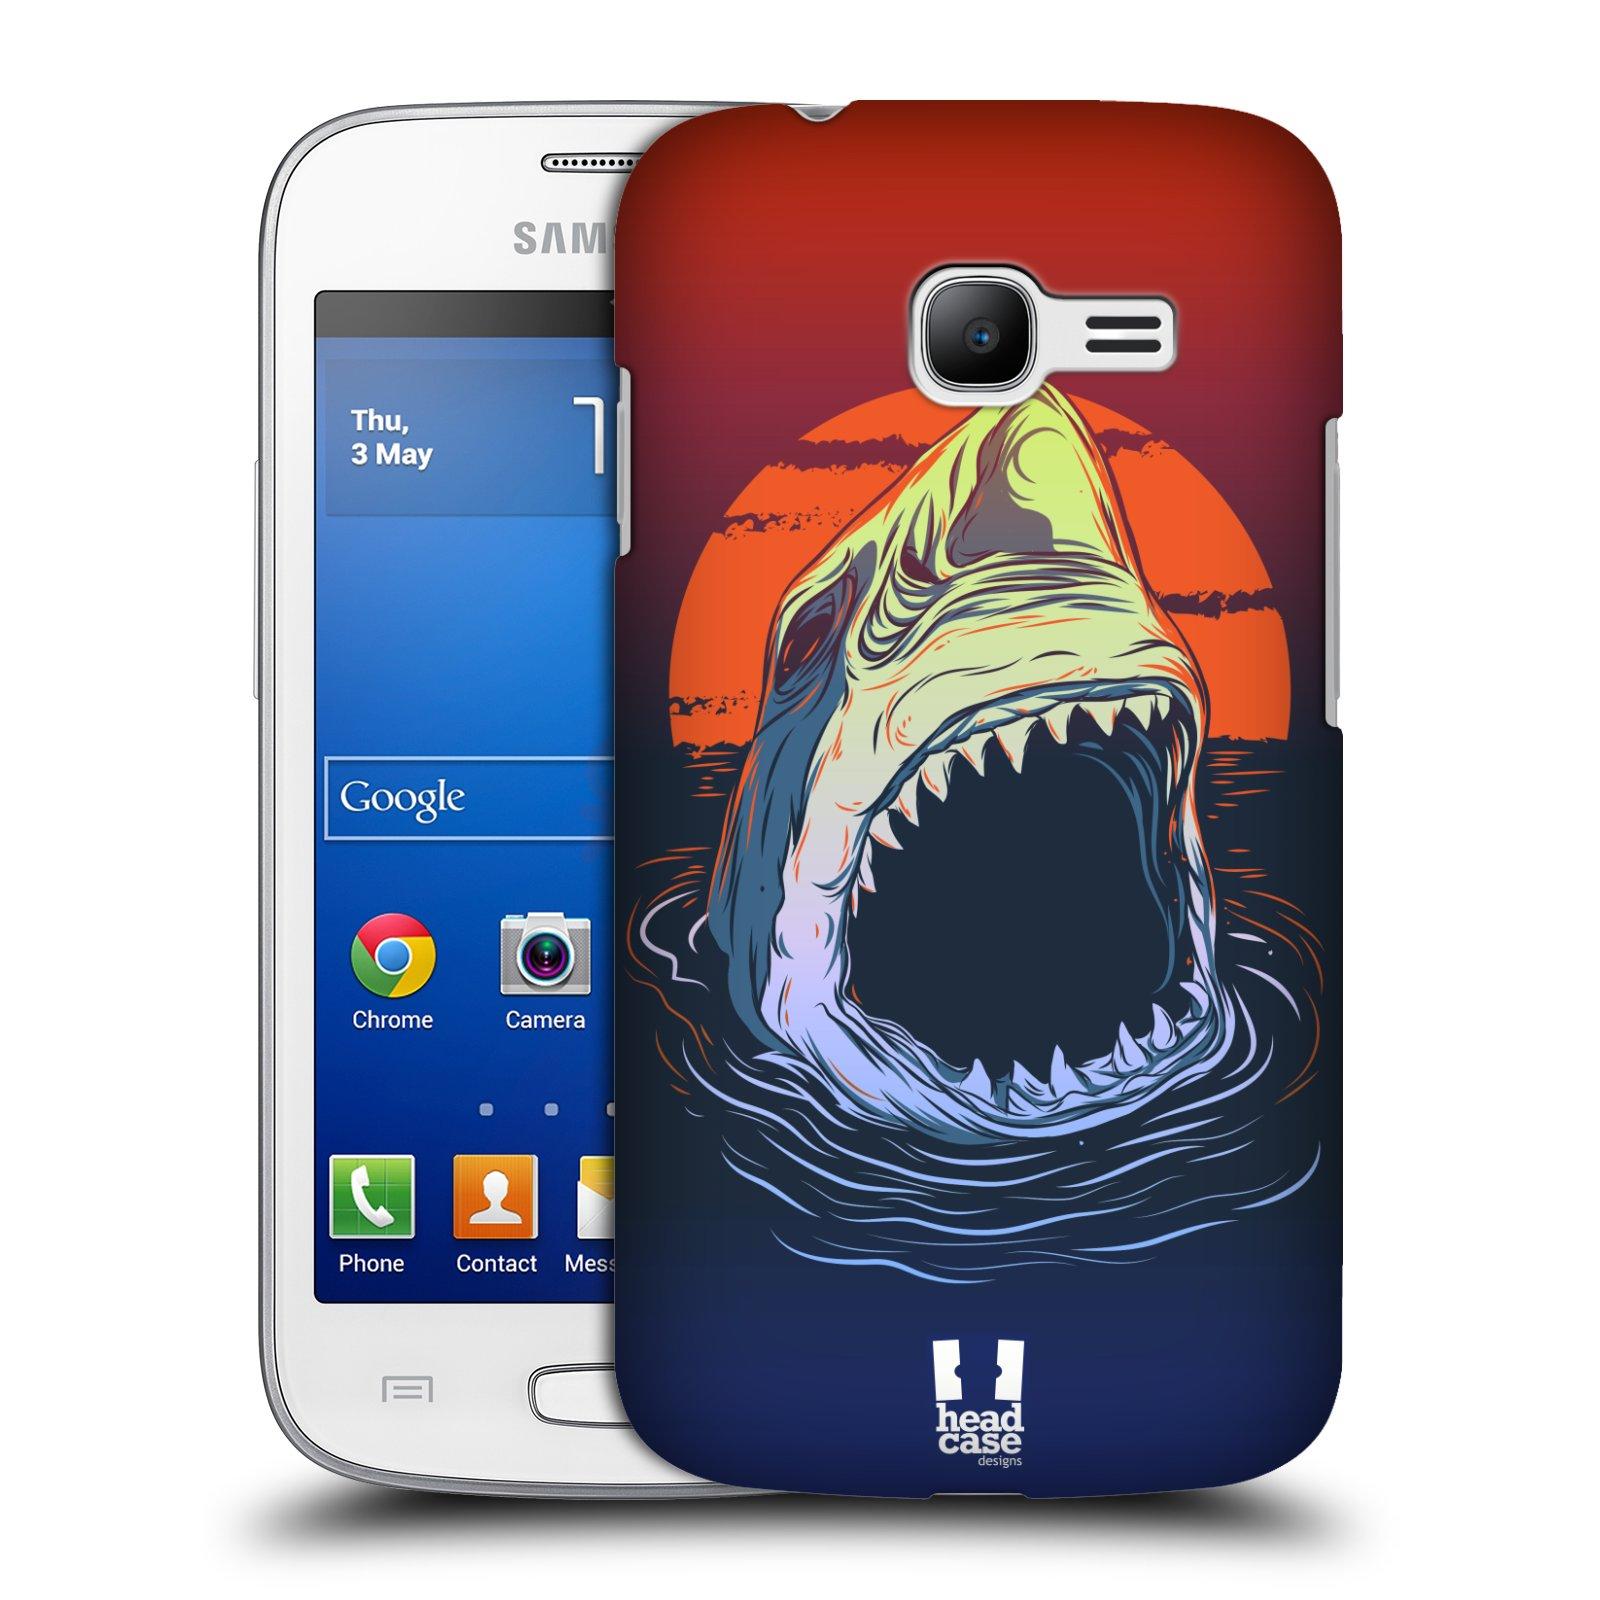 HEAD CASE plastový obal na mobil SAMSUNG GALAXY Star Pro S7260/S7262 DUOS vzor mořská monstra žralok